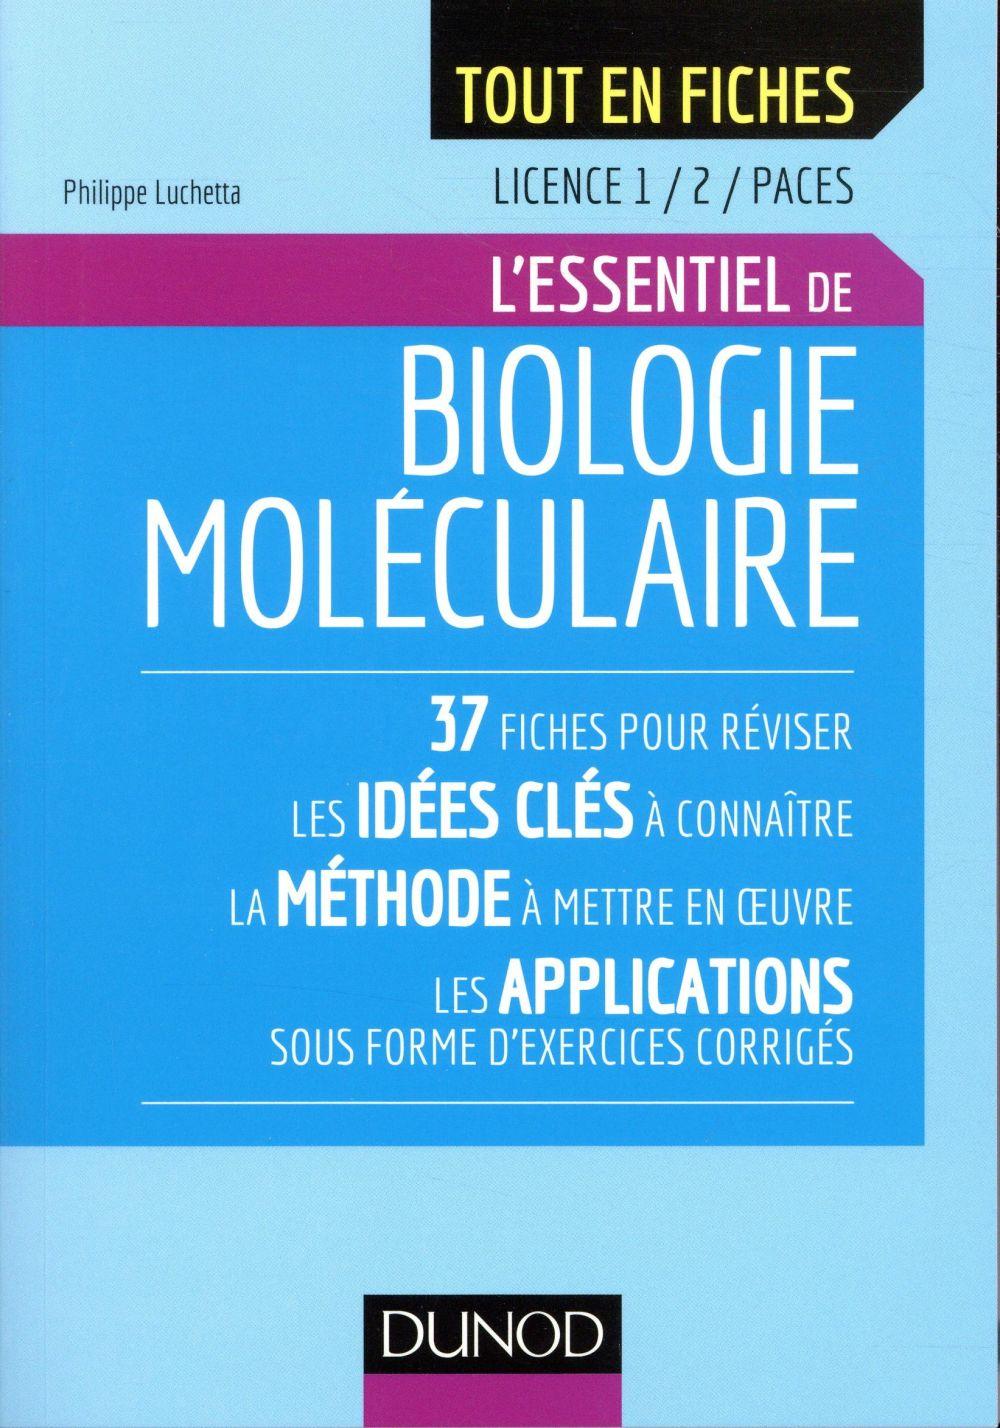 BIOLOGIE MOLECULAIRE   LICENCE 1  2  PACES   L'ESSENTIEL